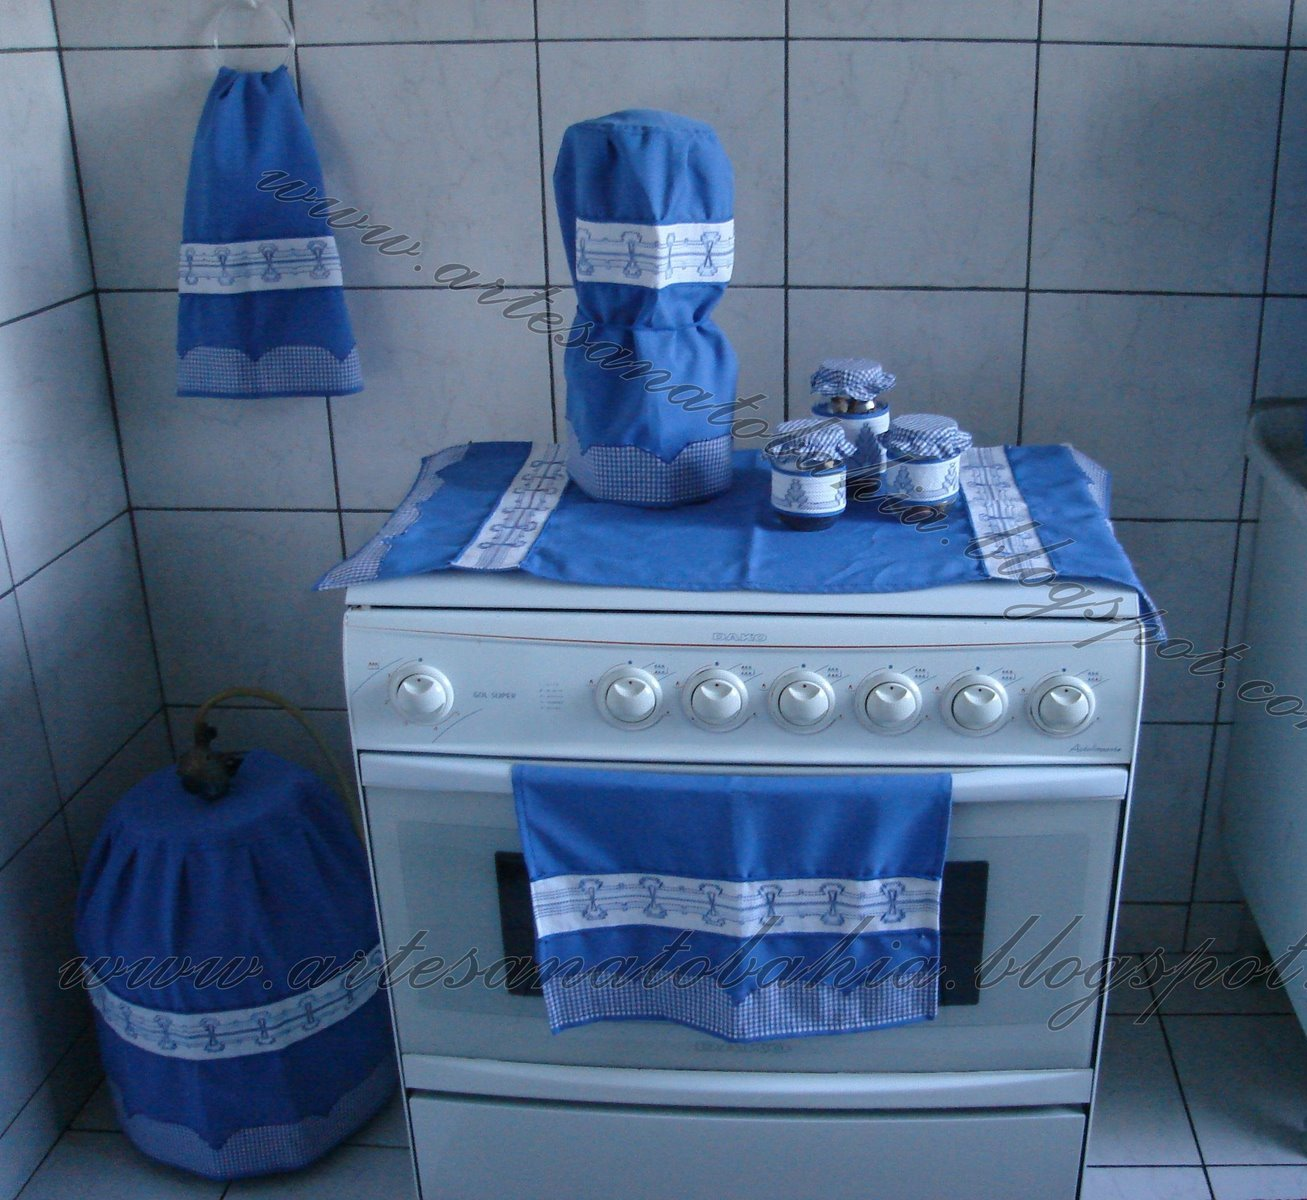 Artesanato Bahia A012 Jogo De Cozinha Bordado Vagonite Blue